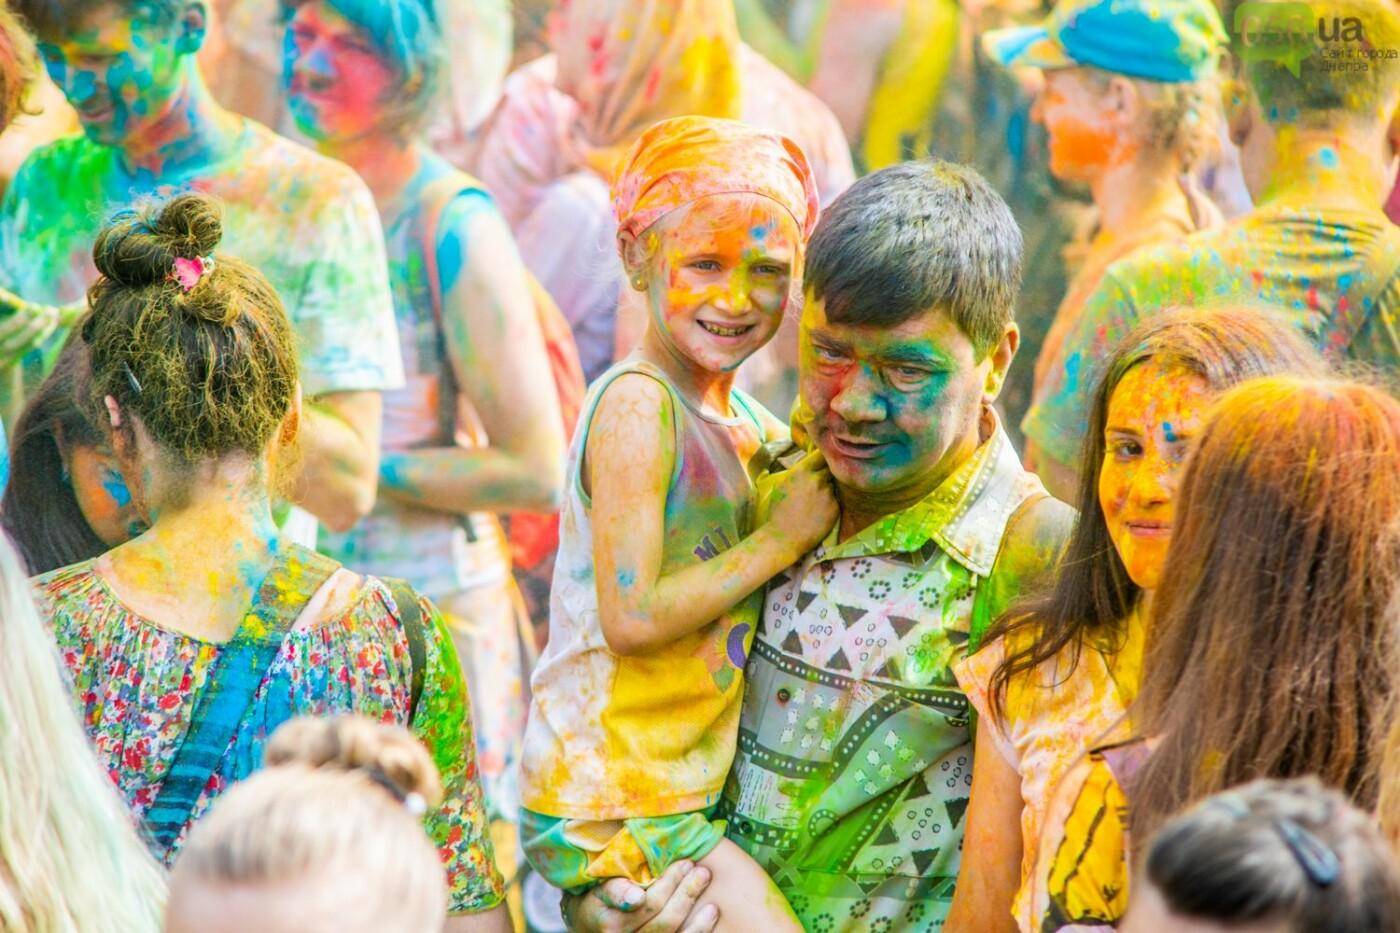 Фестиваль красок и свадьбы: как в Днепре прошел День молодежи, - ФОТОРЕПОРТАЖ, ВИДЕО, фото-22